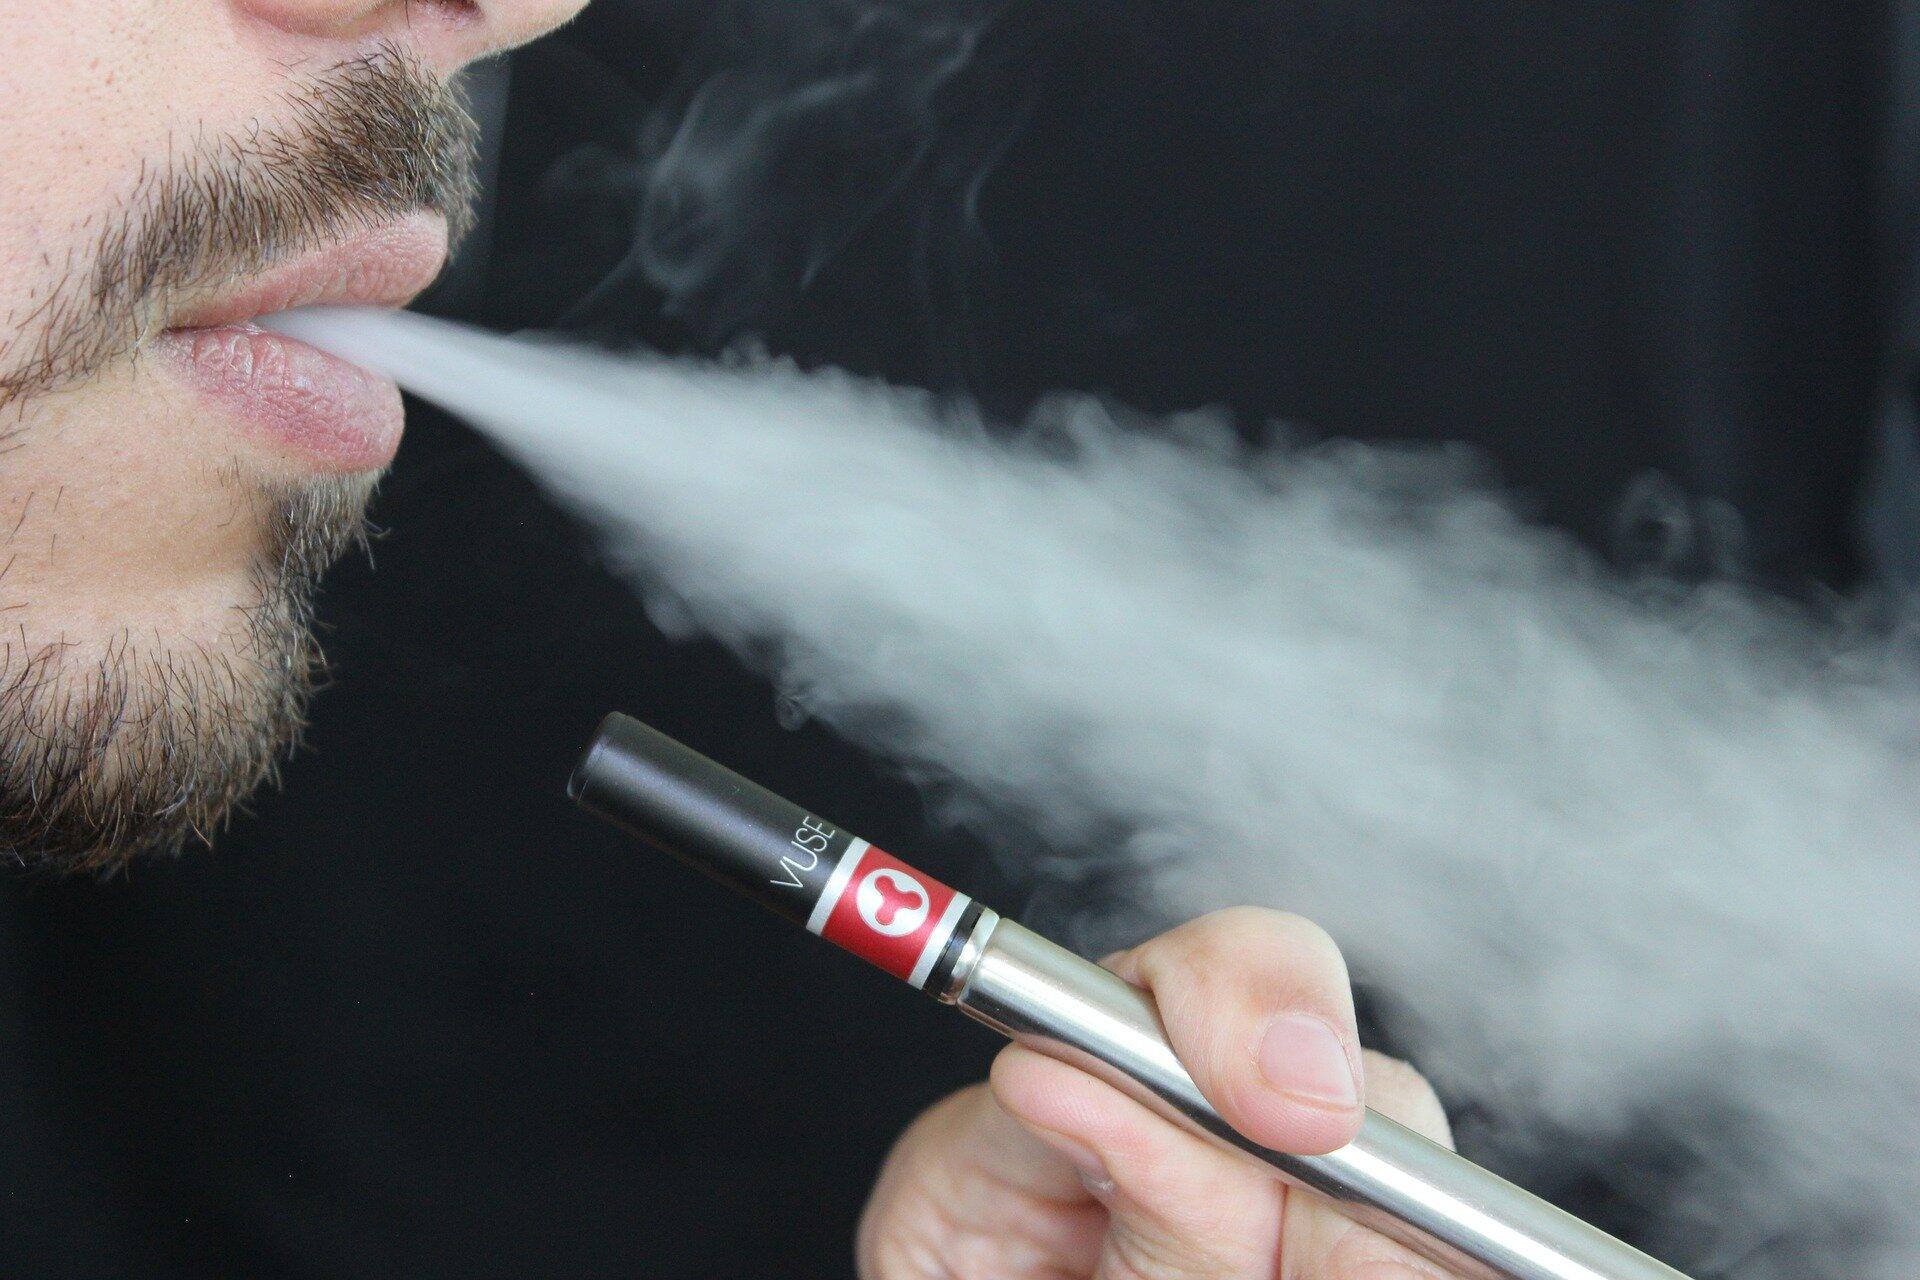 Warum das Verbot der Nikotin-Inhalator Flüssigkeit wird mehr Schaden als gutes tun